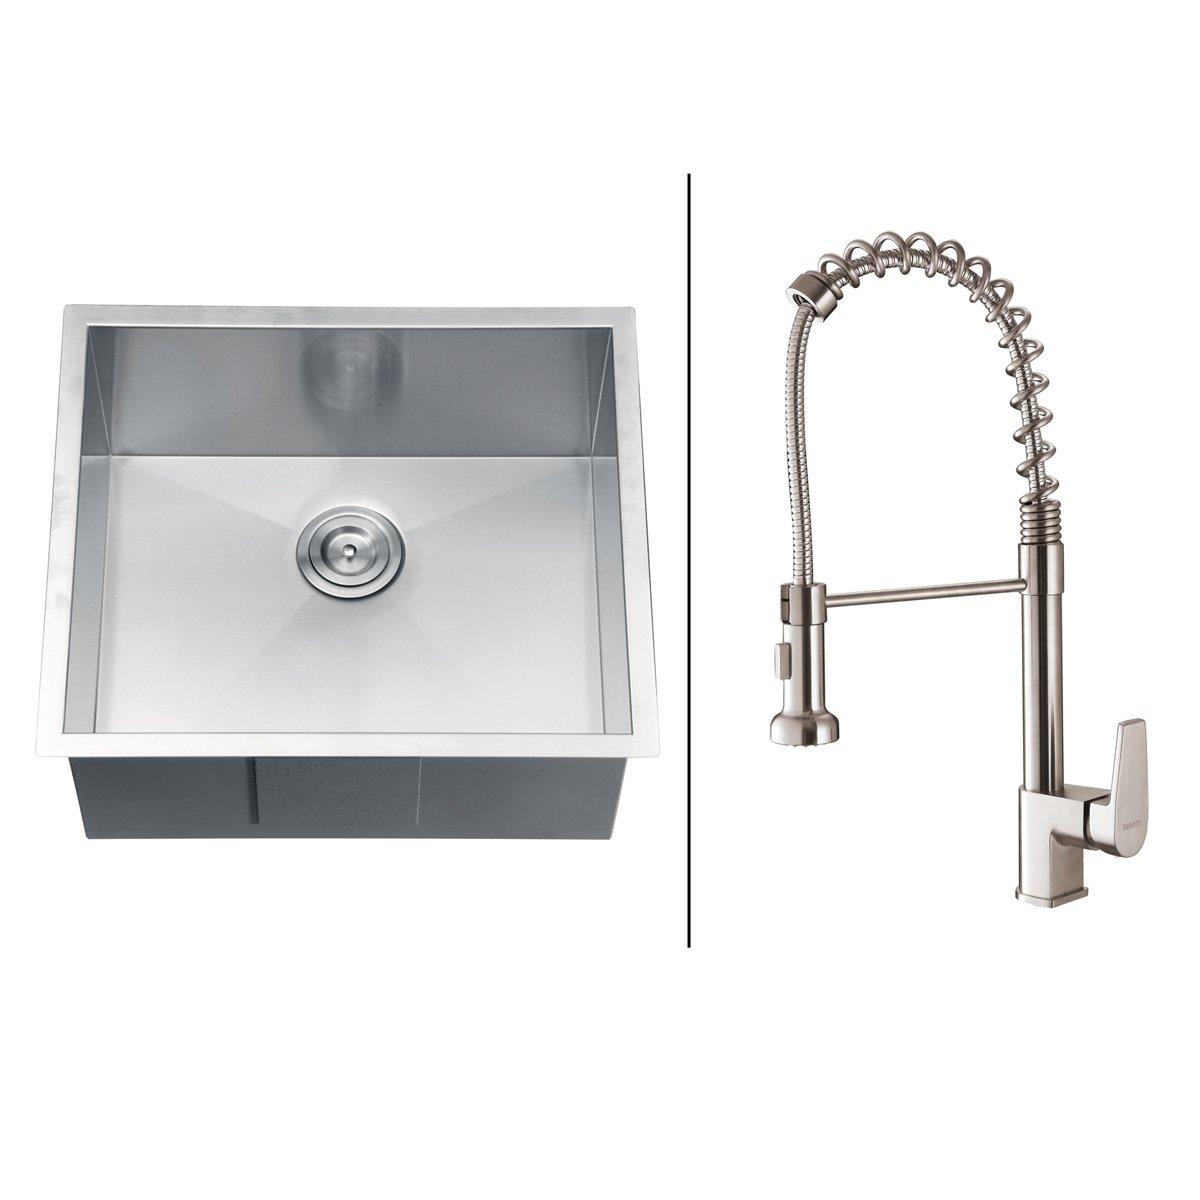 aquasource faucet reviews top faucets